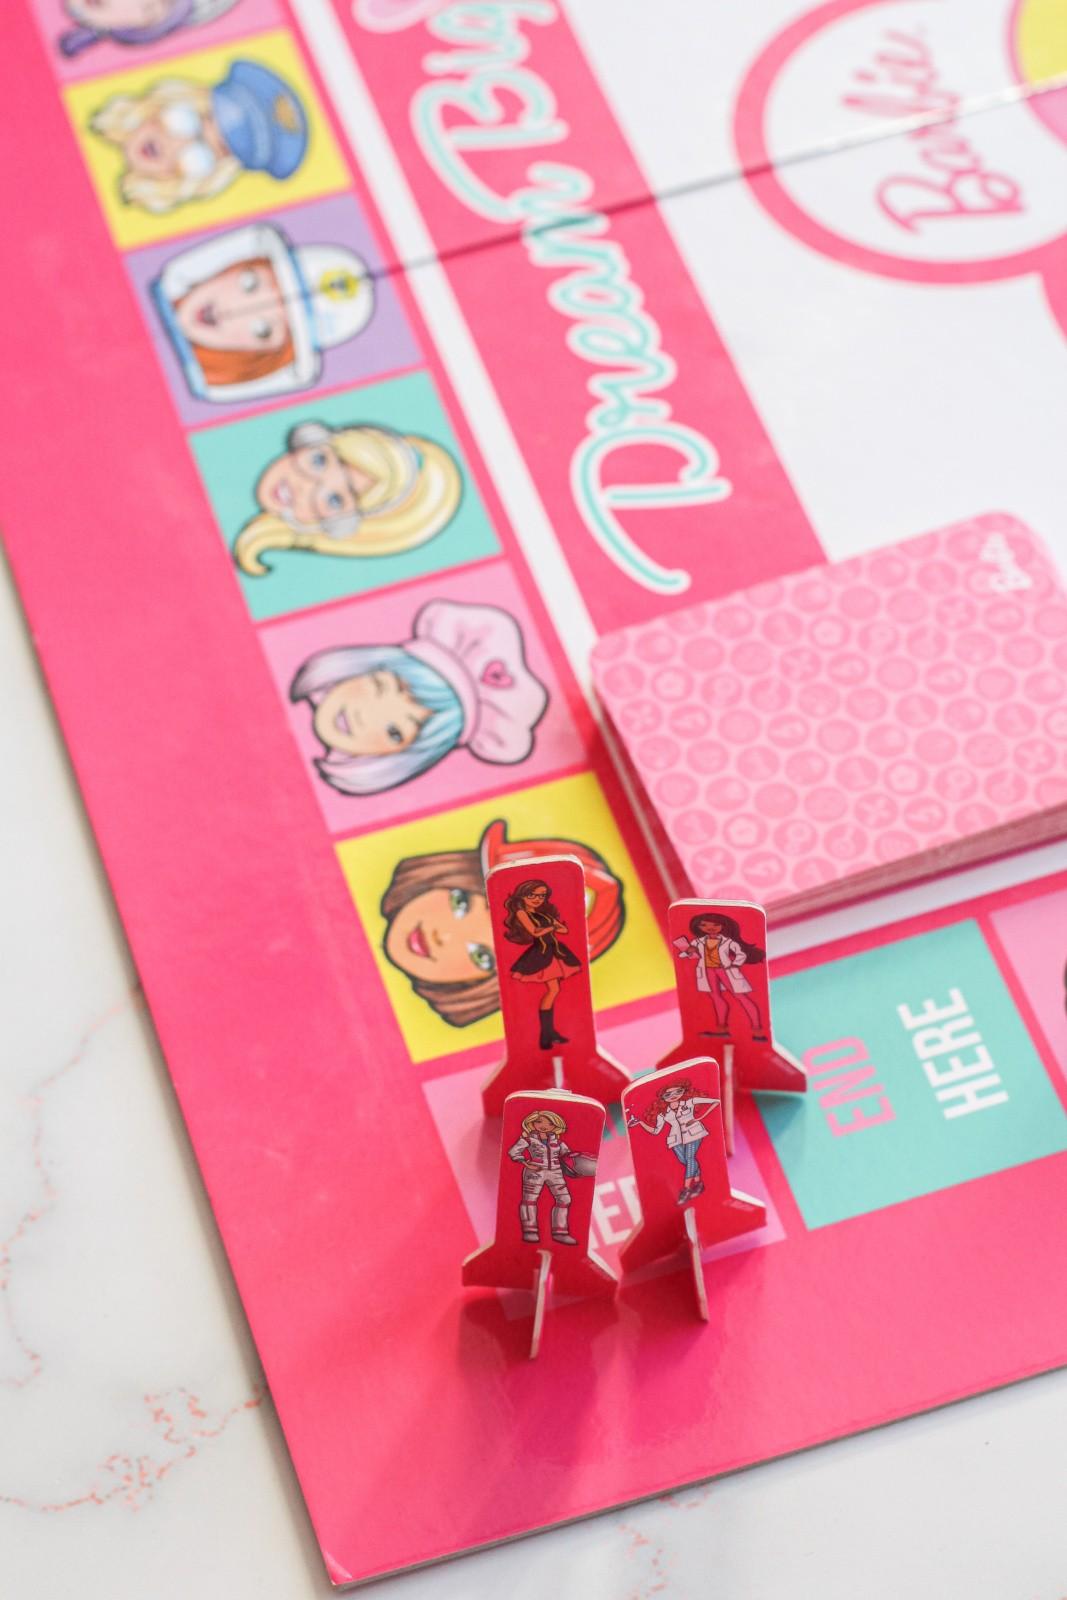 Best toys for girls